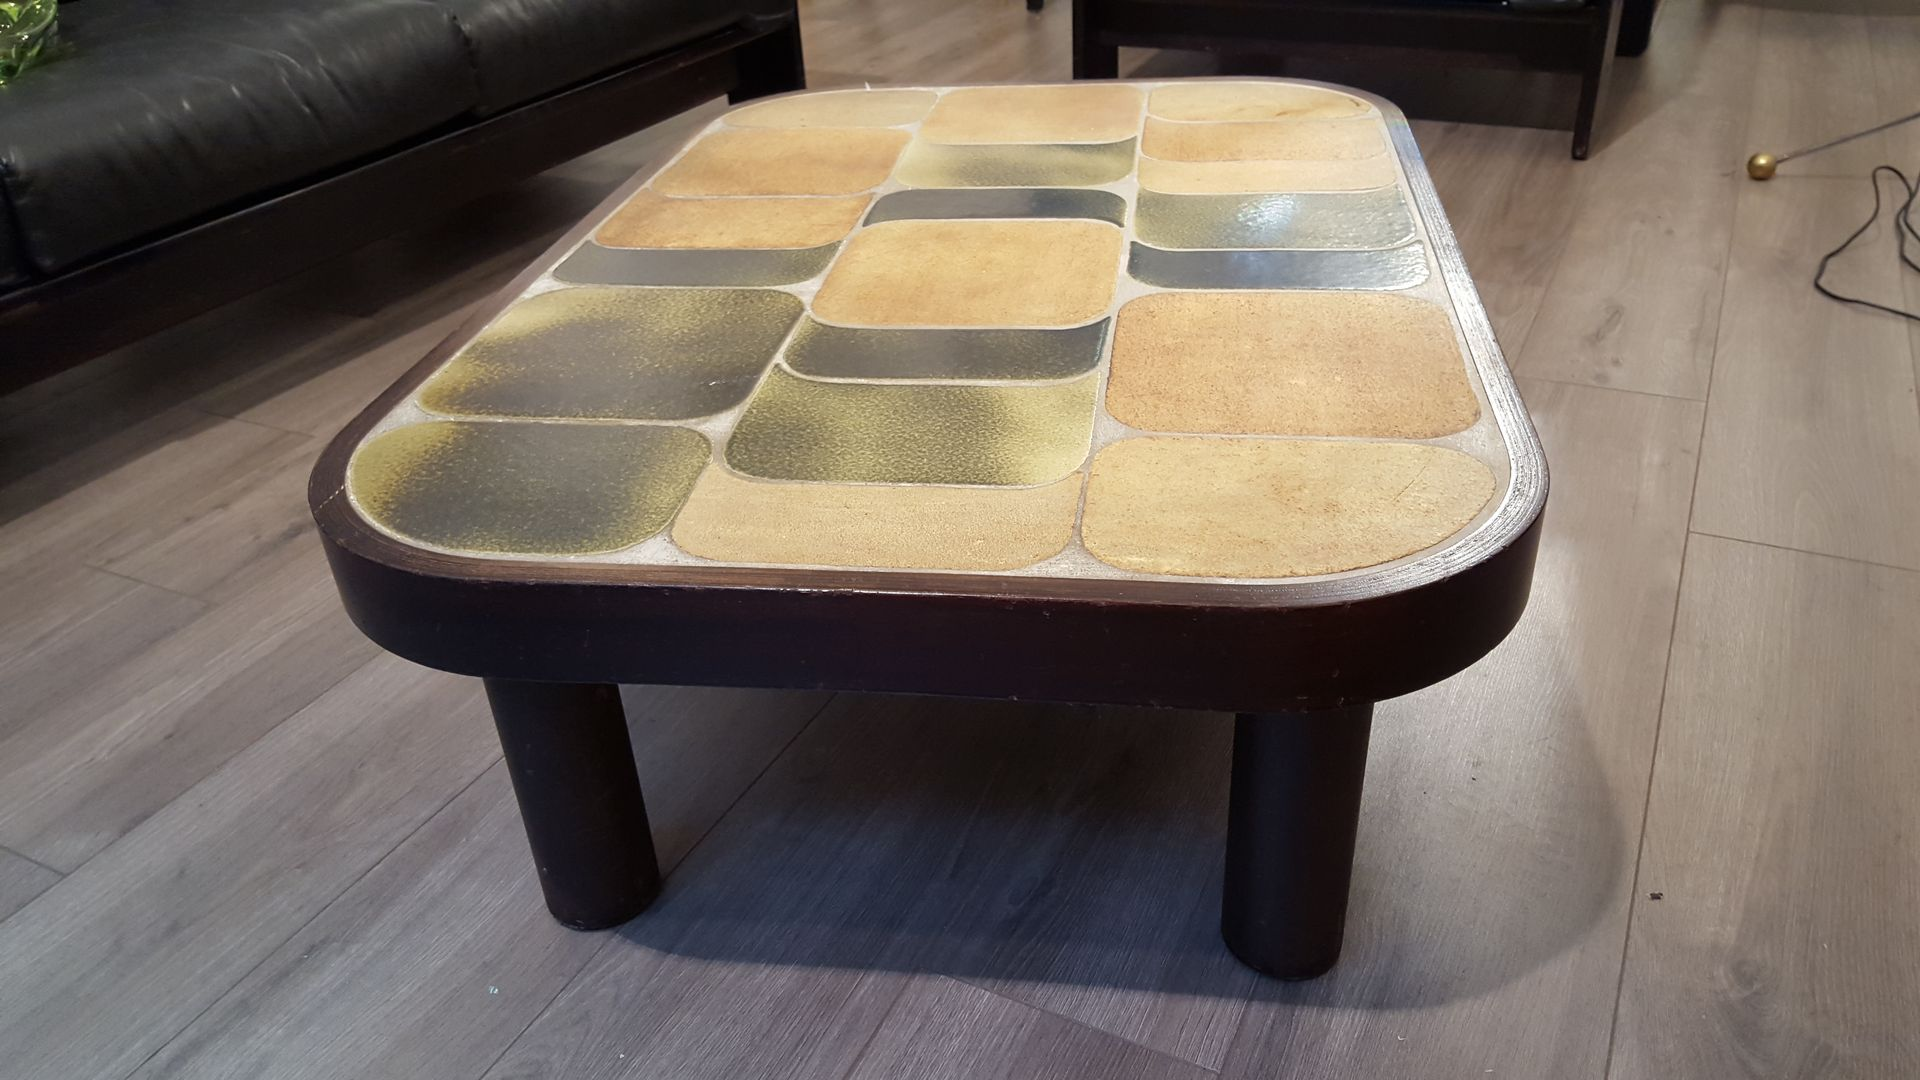 Table basse avec dessus en c ramique par roger capron en vente sur pamono - Table salon dessus ceramique ...